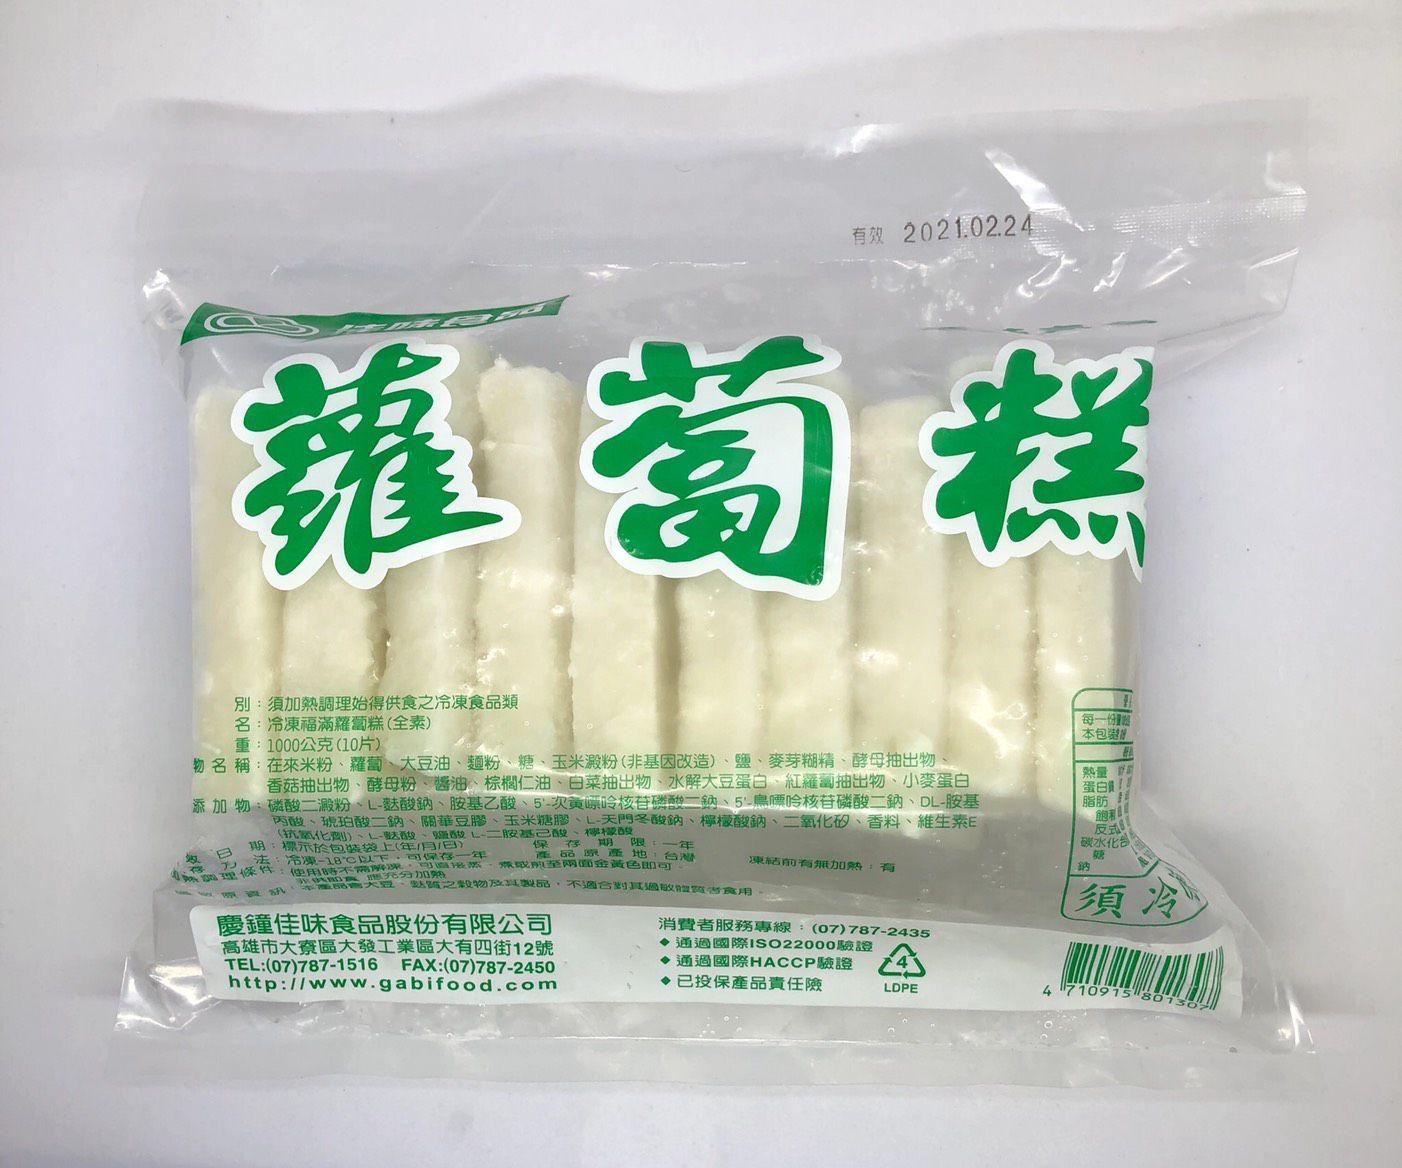 (慶鐘佳味)冷凍蘿蔔糕1kg(全素)